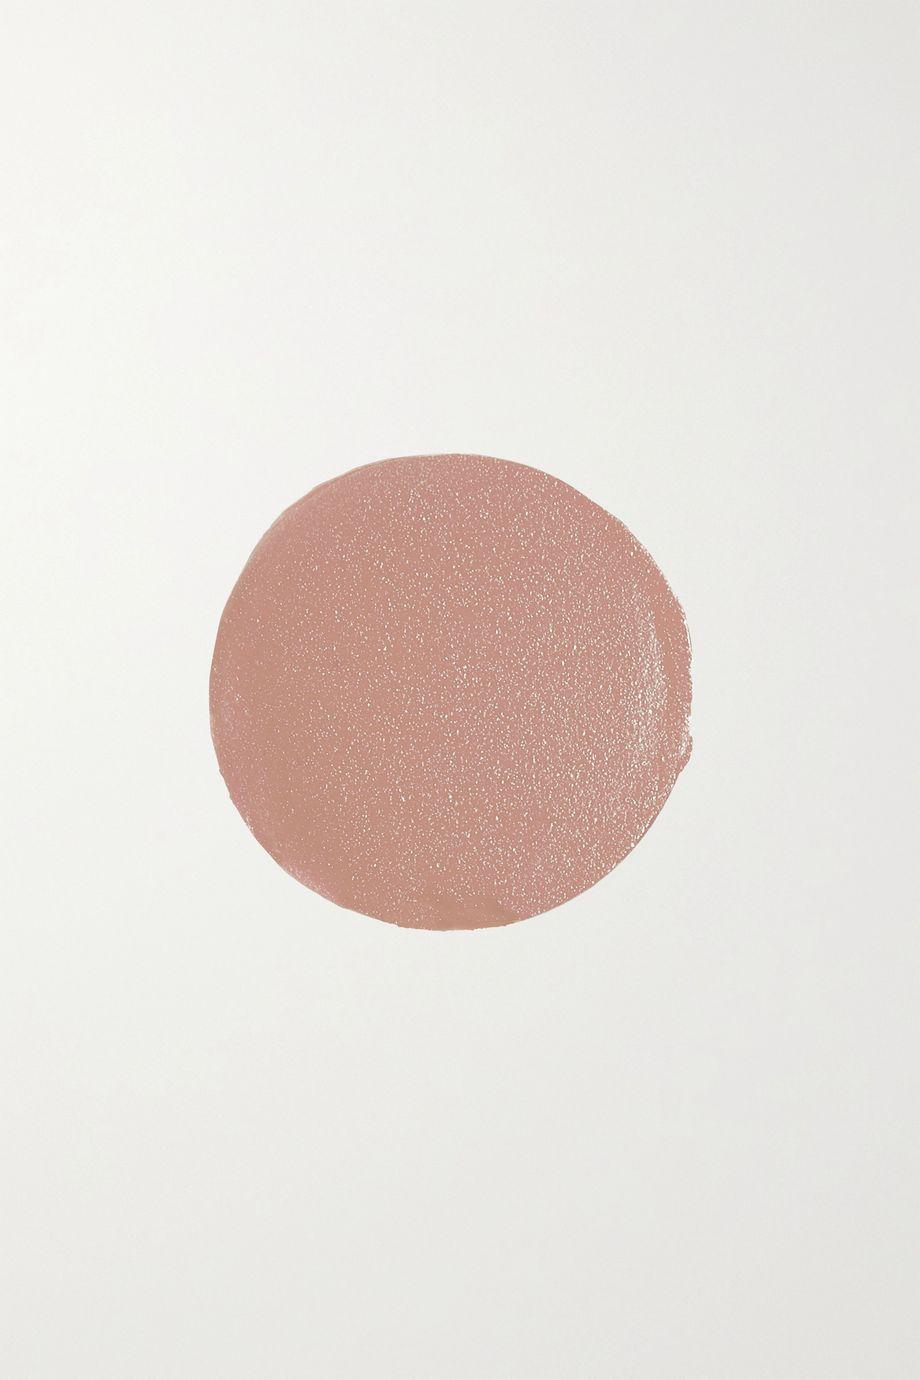 Gucci Beauty Rouge à Lèvres Satin - Lorna Dune 102